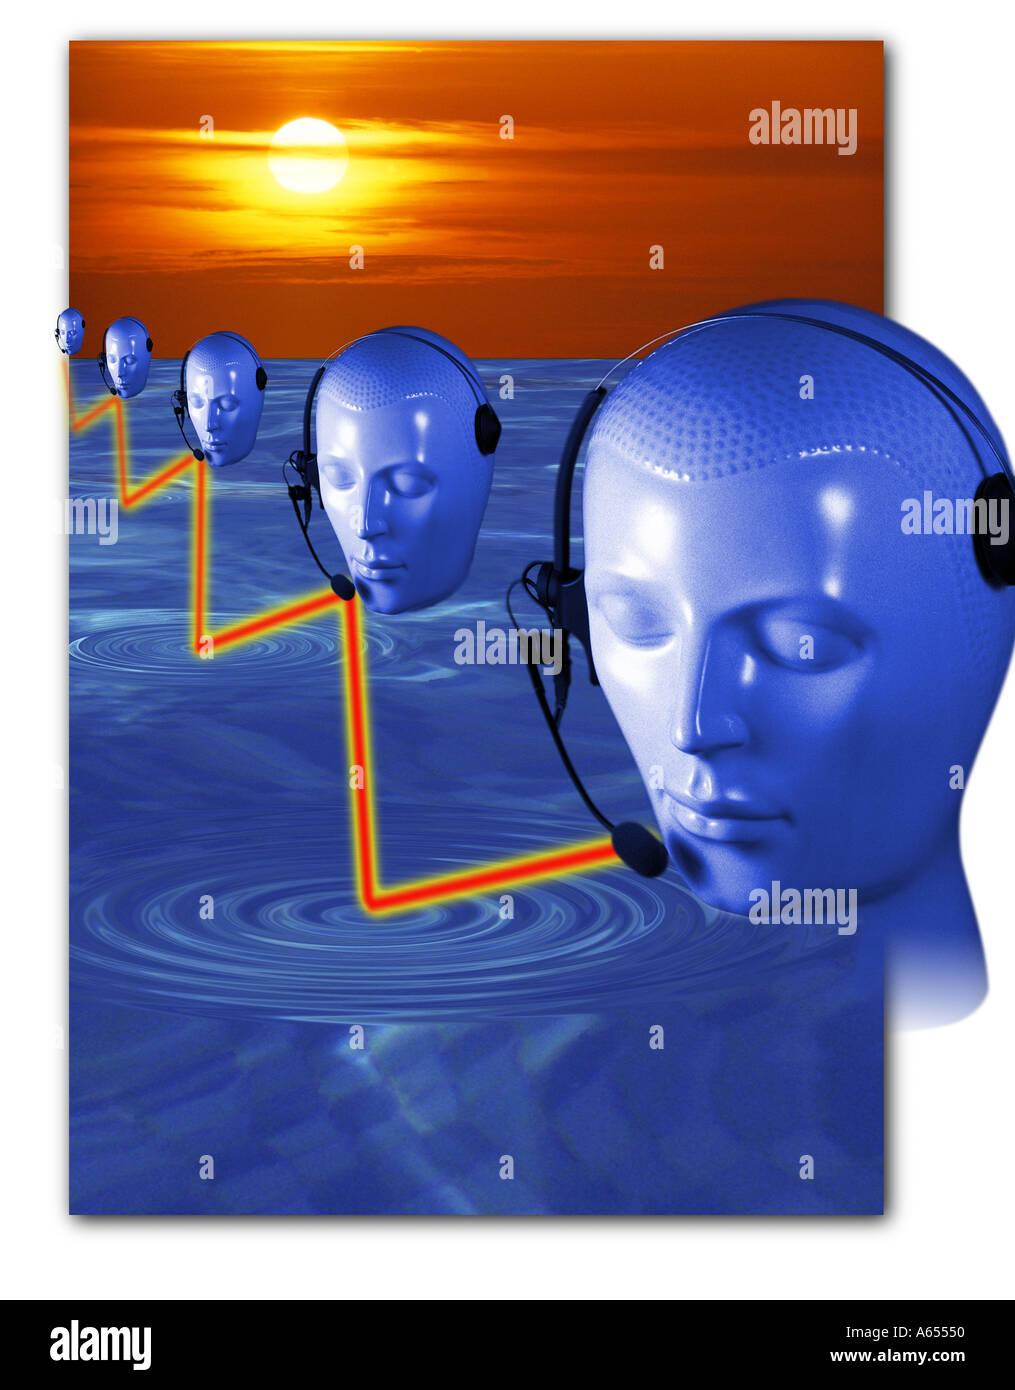 Comunicazione concetto astratto idea effetti speciali Immagini Stock